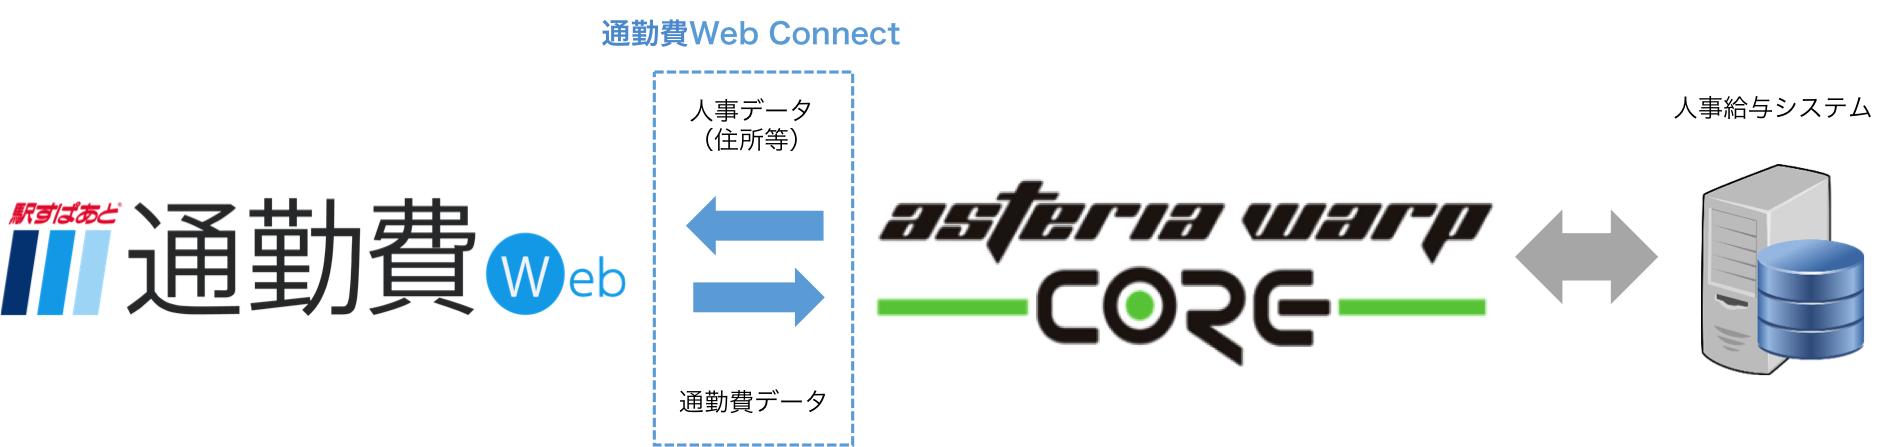 ヴァル研究所、インフォテリアと提携し「駅すぱあと 通勤費Web Connect」提供開始